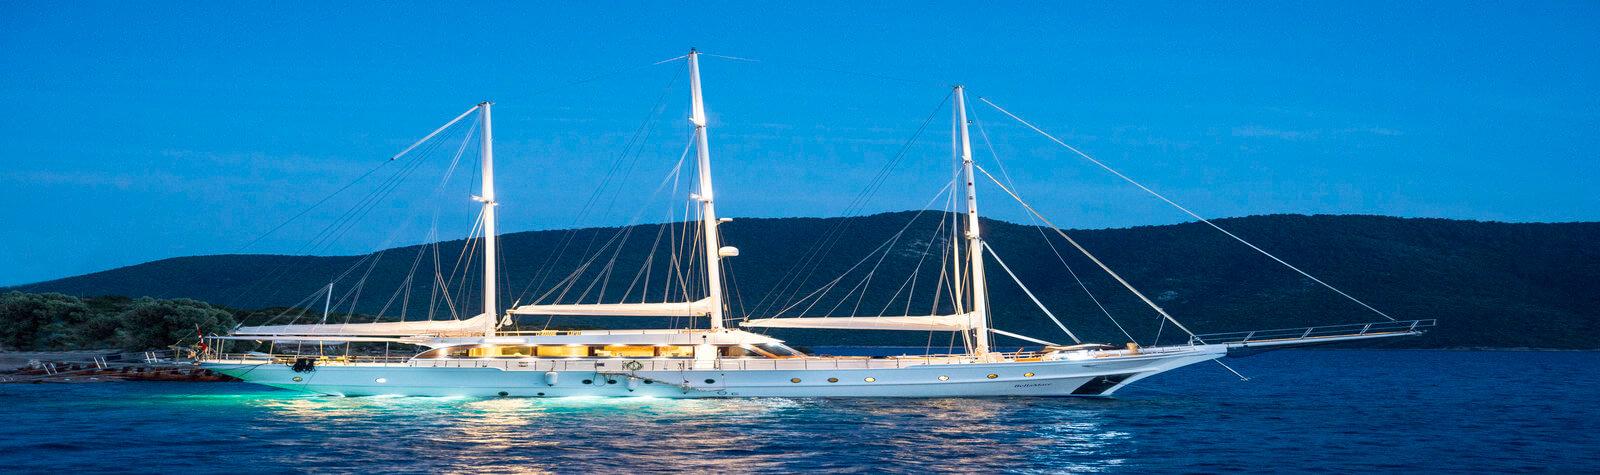 סירה – כל מה שרציתם לדעת על סירות